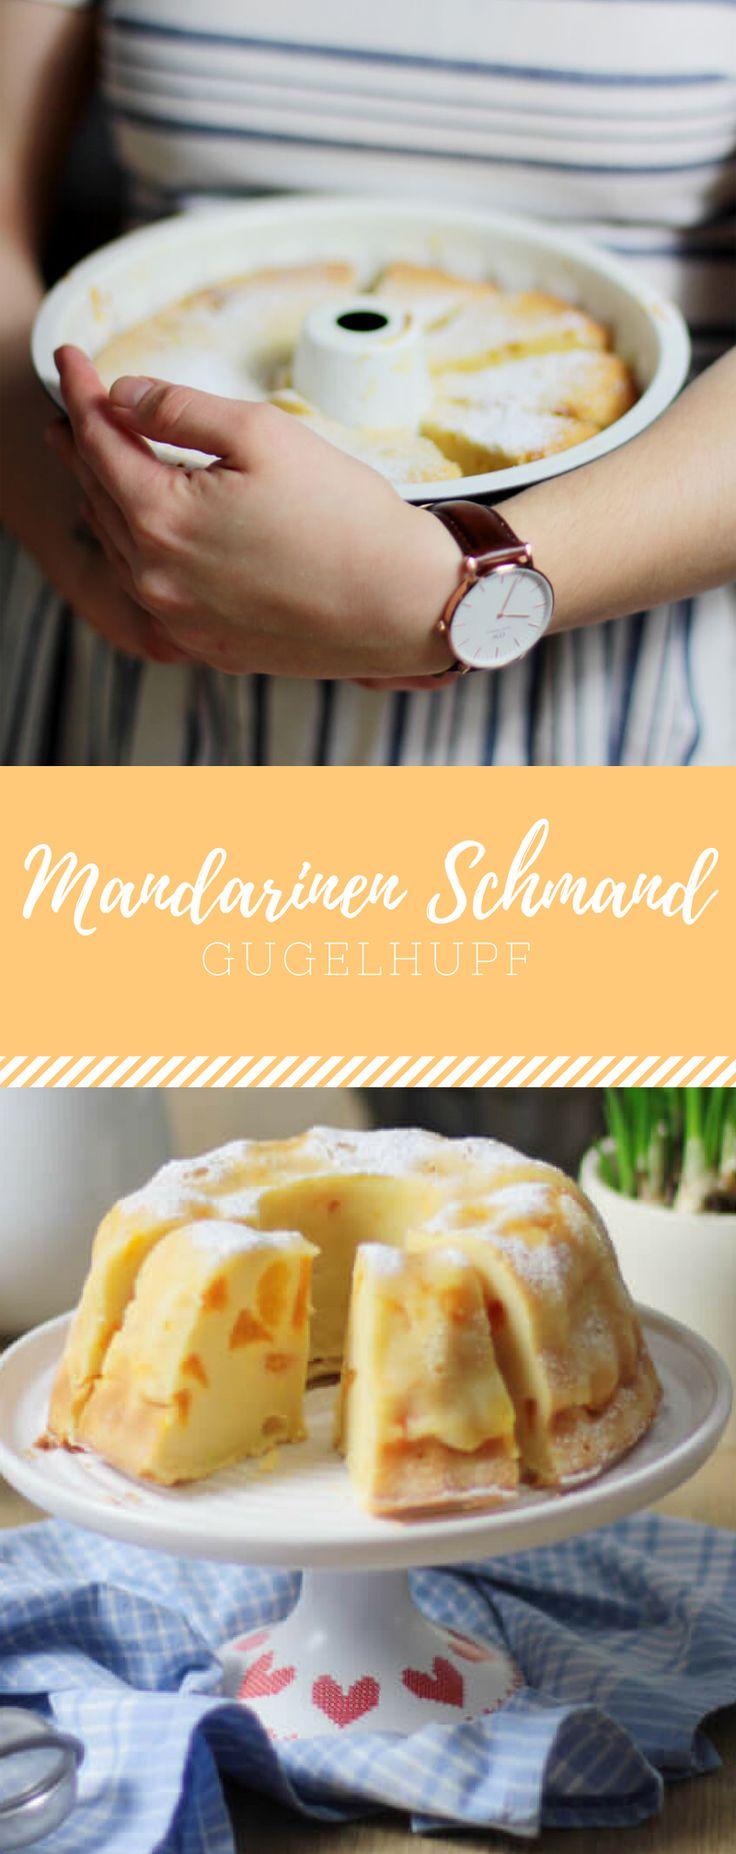 Leckeres Rezept für saftigen Mandarinen Schmand Gugelhupf. Auch als Geburtstagskuchen gut geeignet.